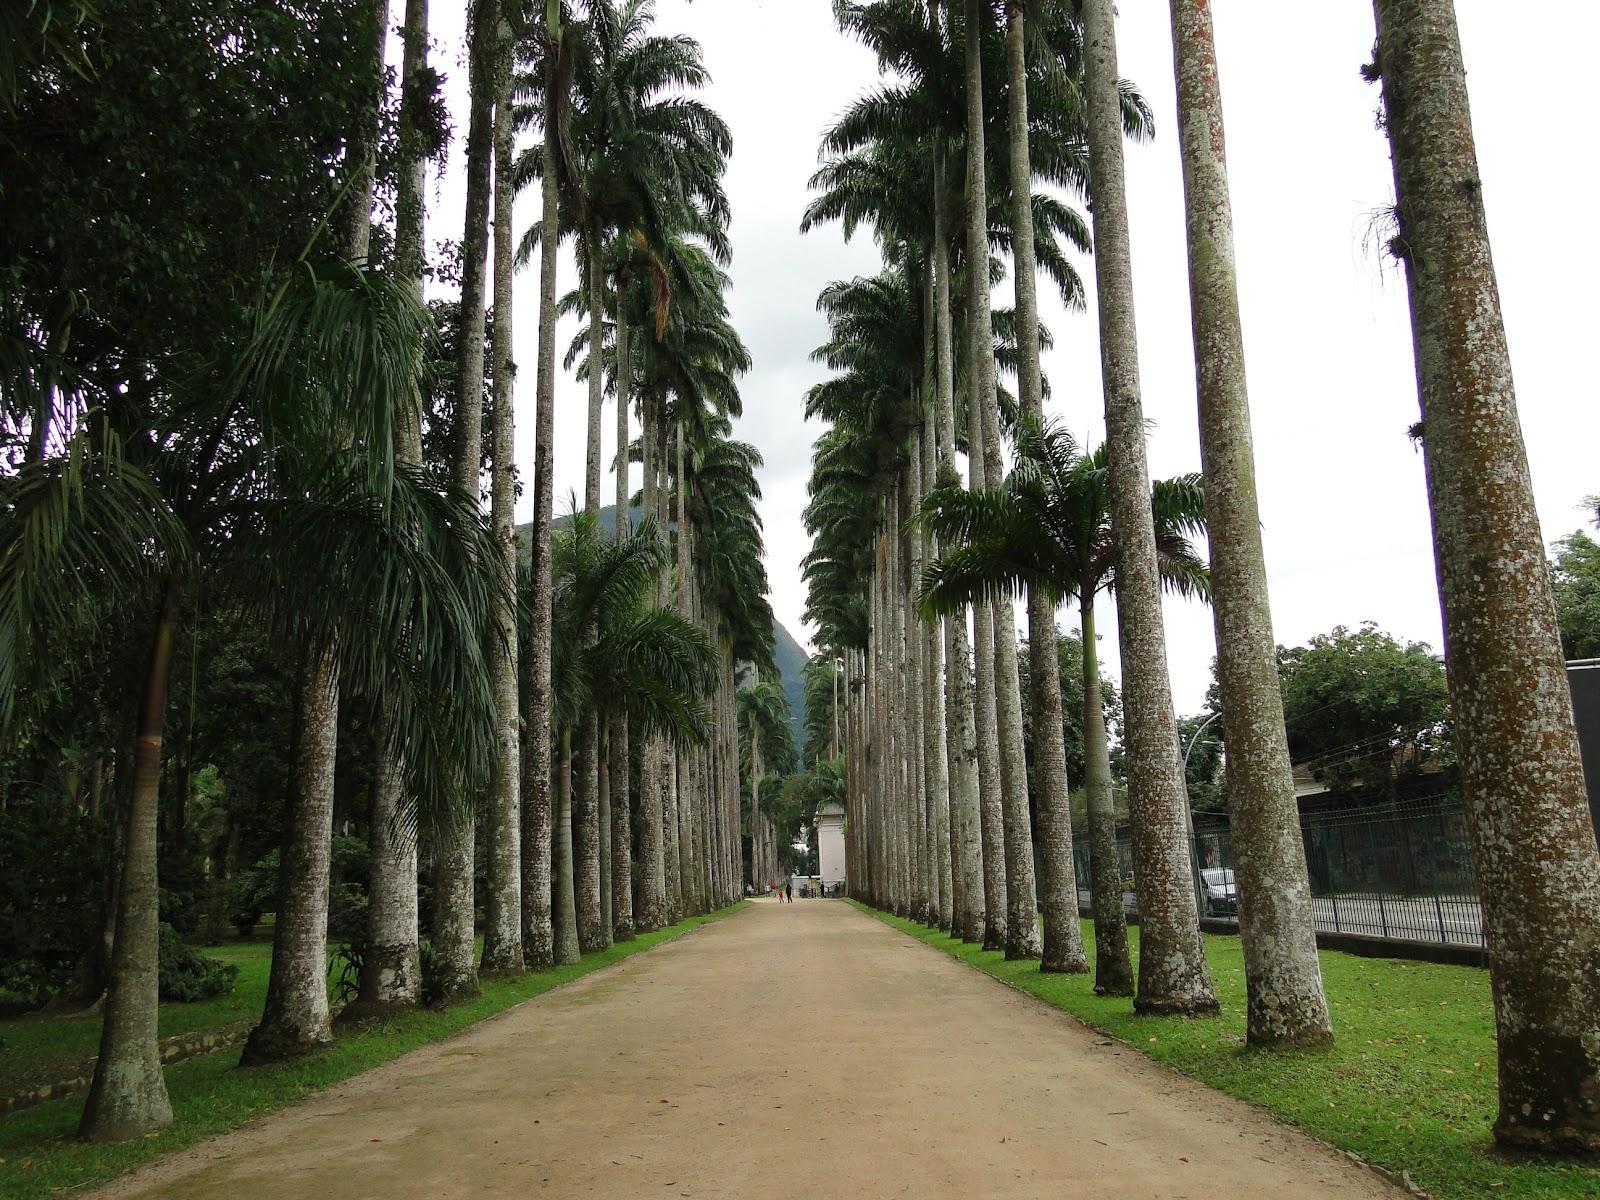 fotos jardim botanico do rio de janeiro:Palmeiras superam em altura as demais árvores do Jardim botânico, do